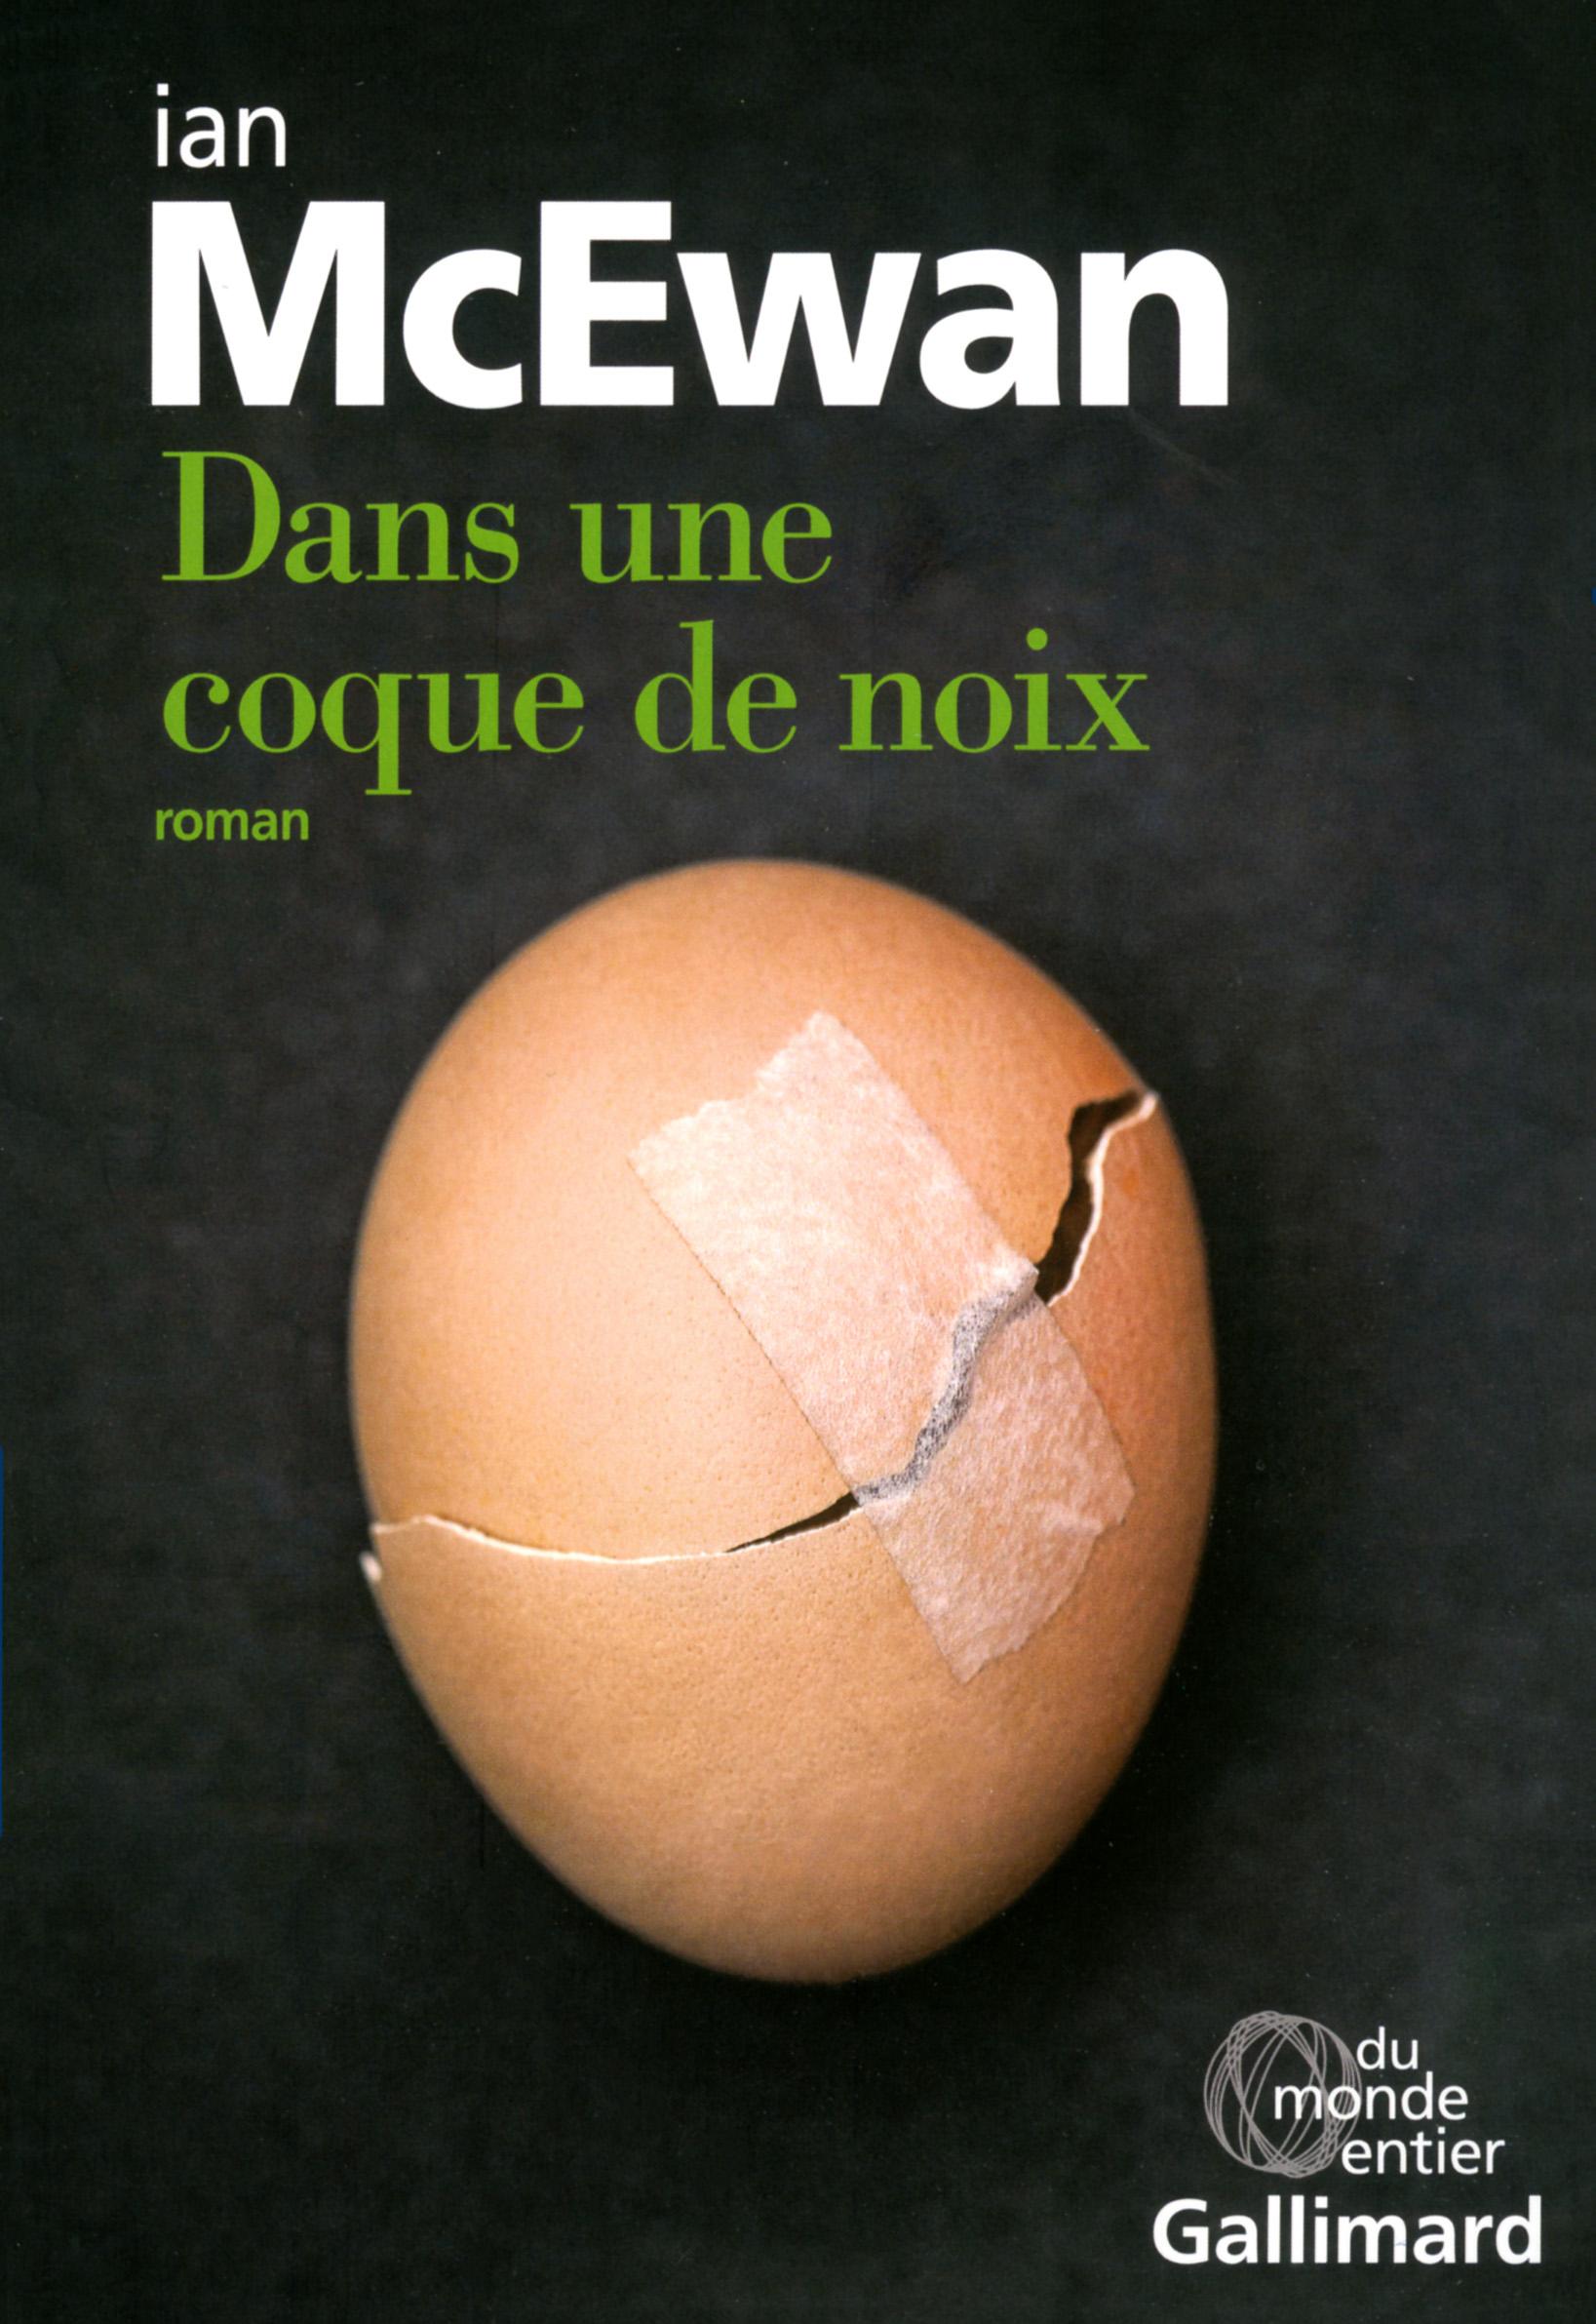 """Résultat de recherche d'images pour """"Dans une coque de noix de Ian McEwan"""""""